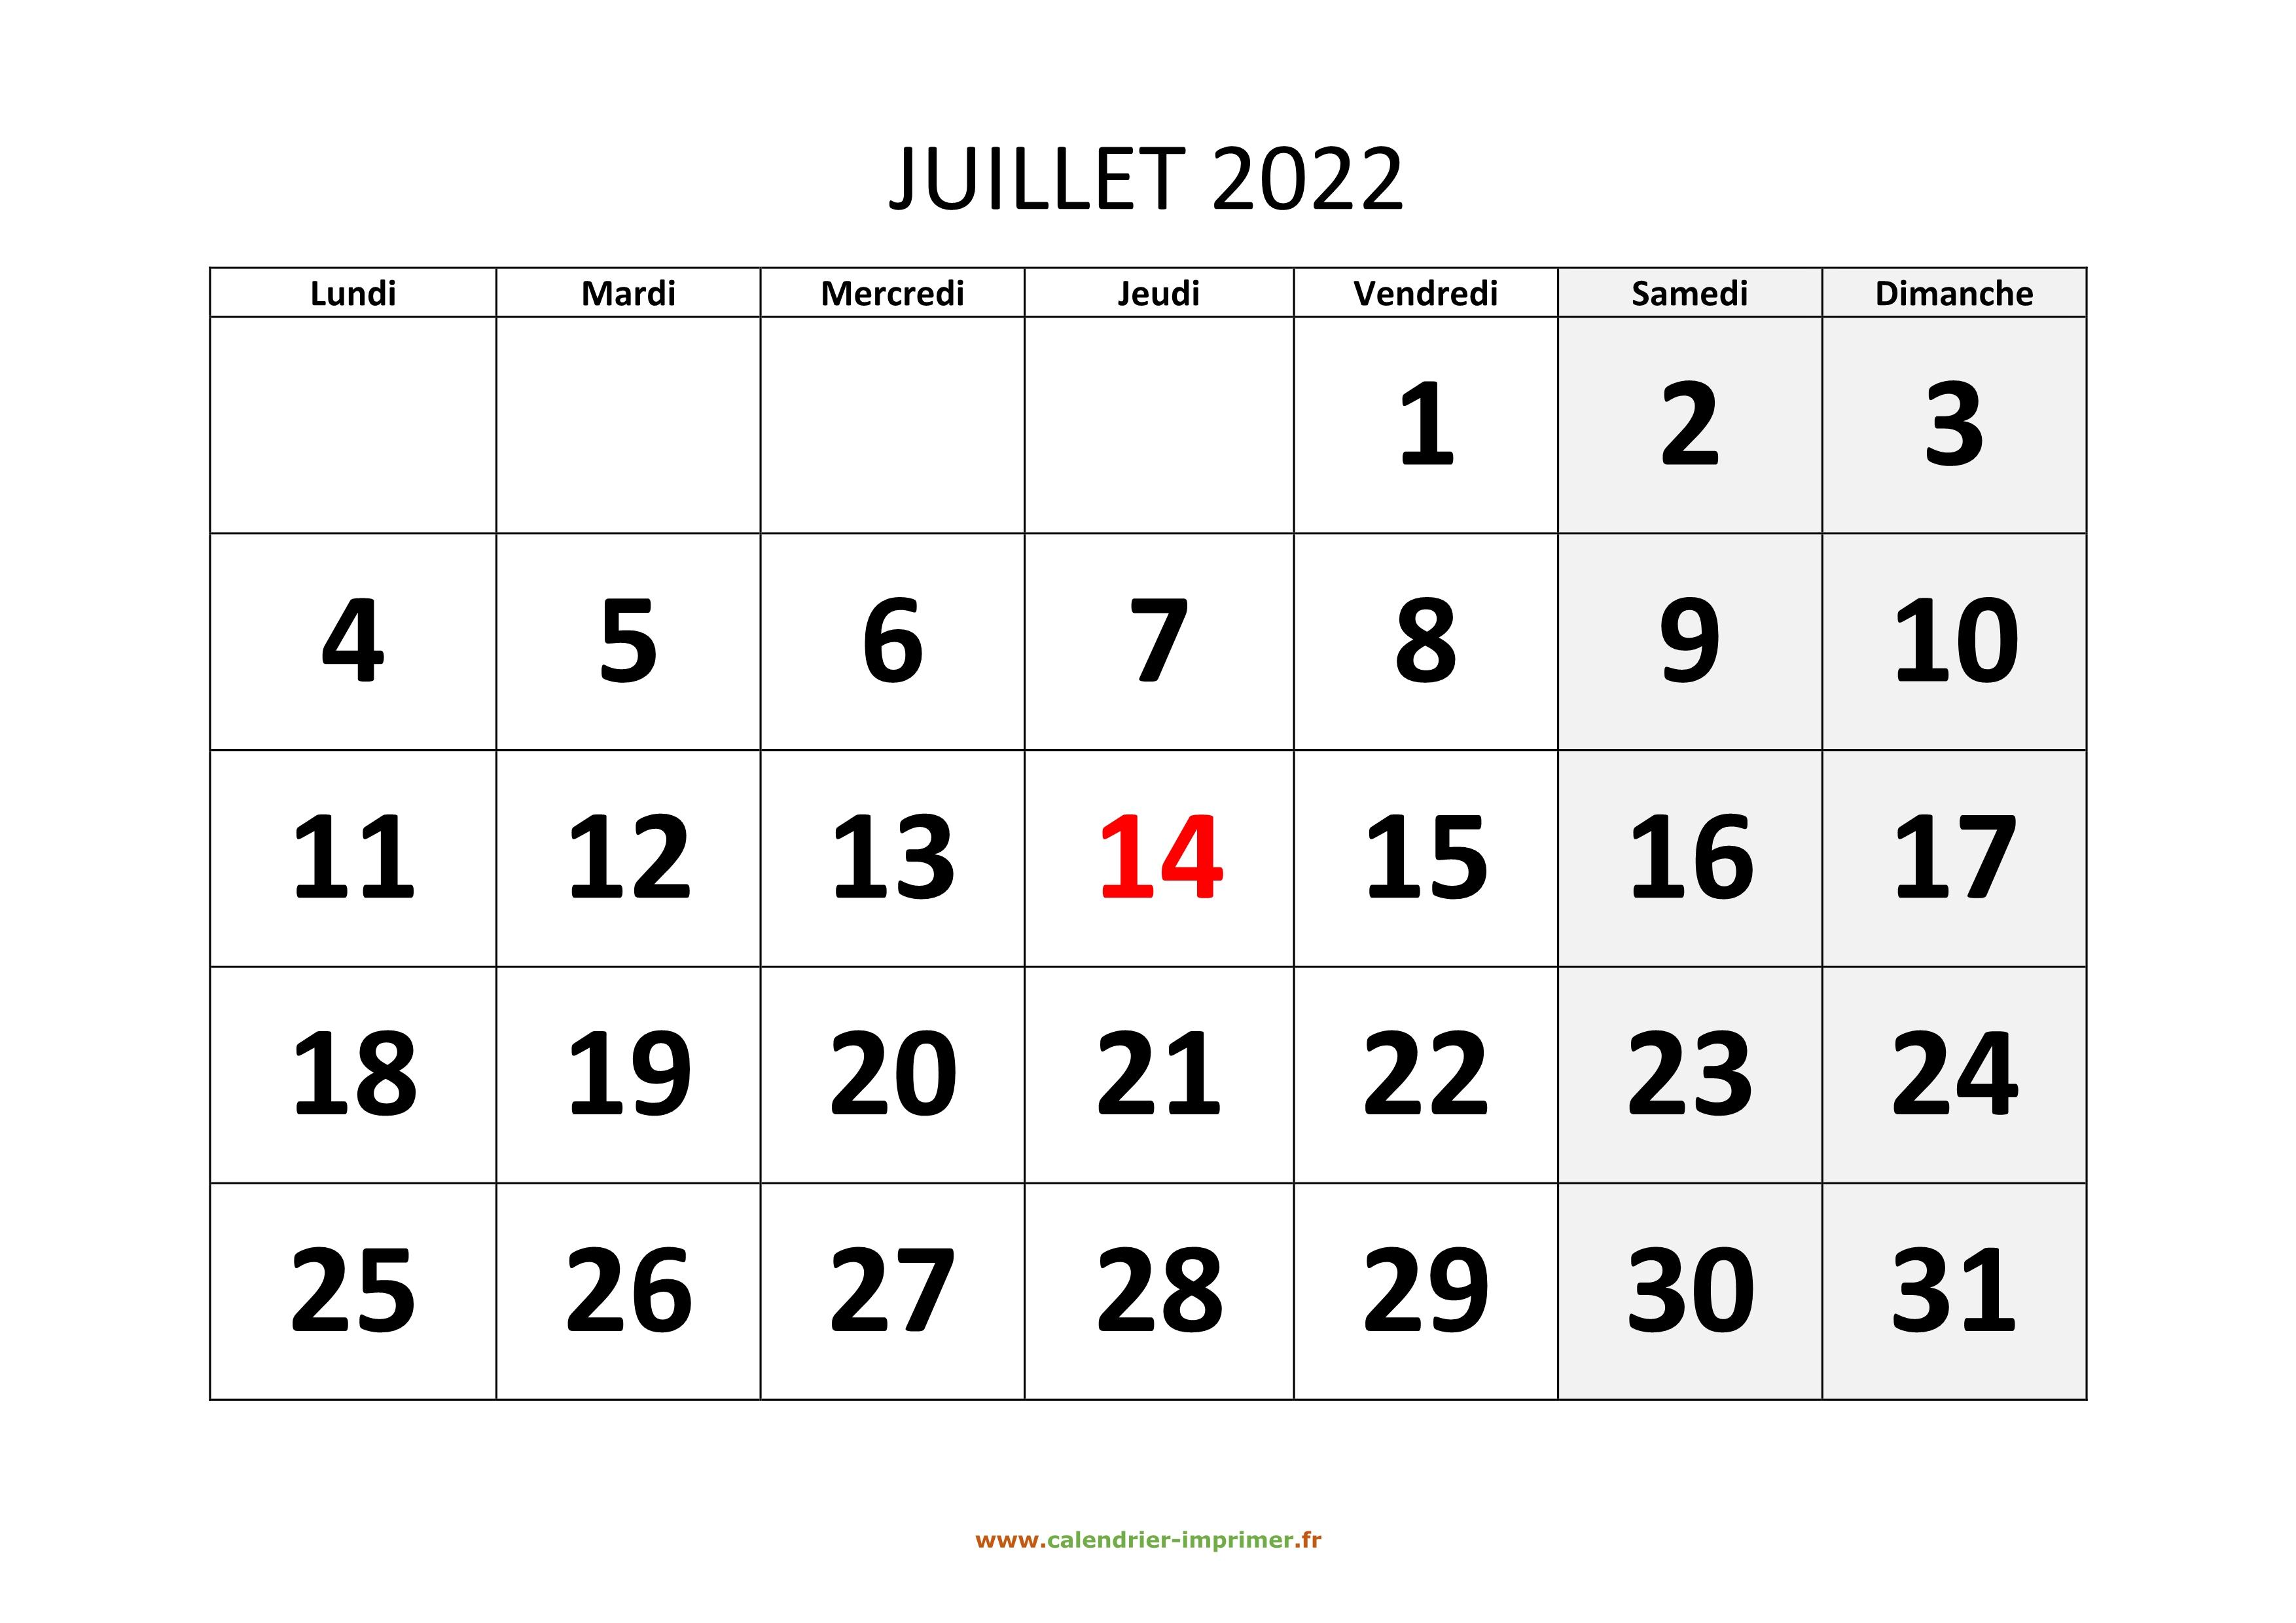 Calendrier Du Mois De Juillet 2022 Calendrier Juillet 2022 à imprimer